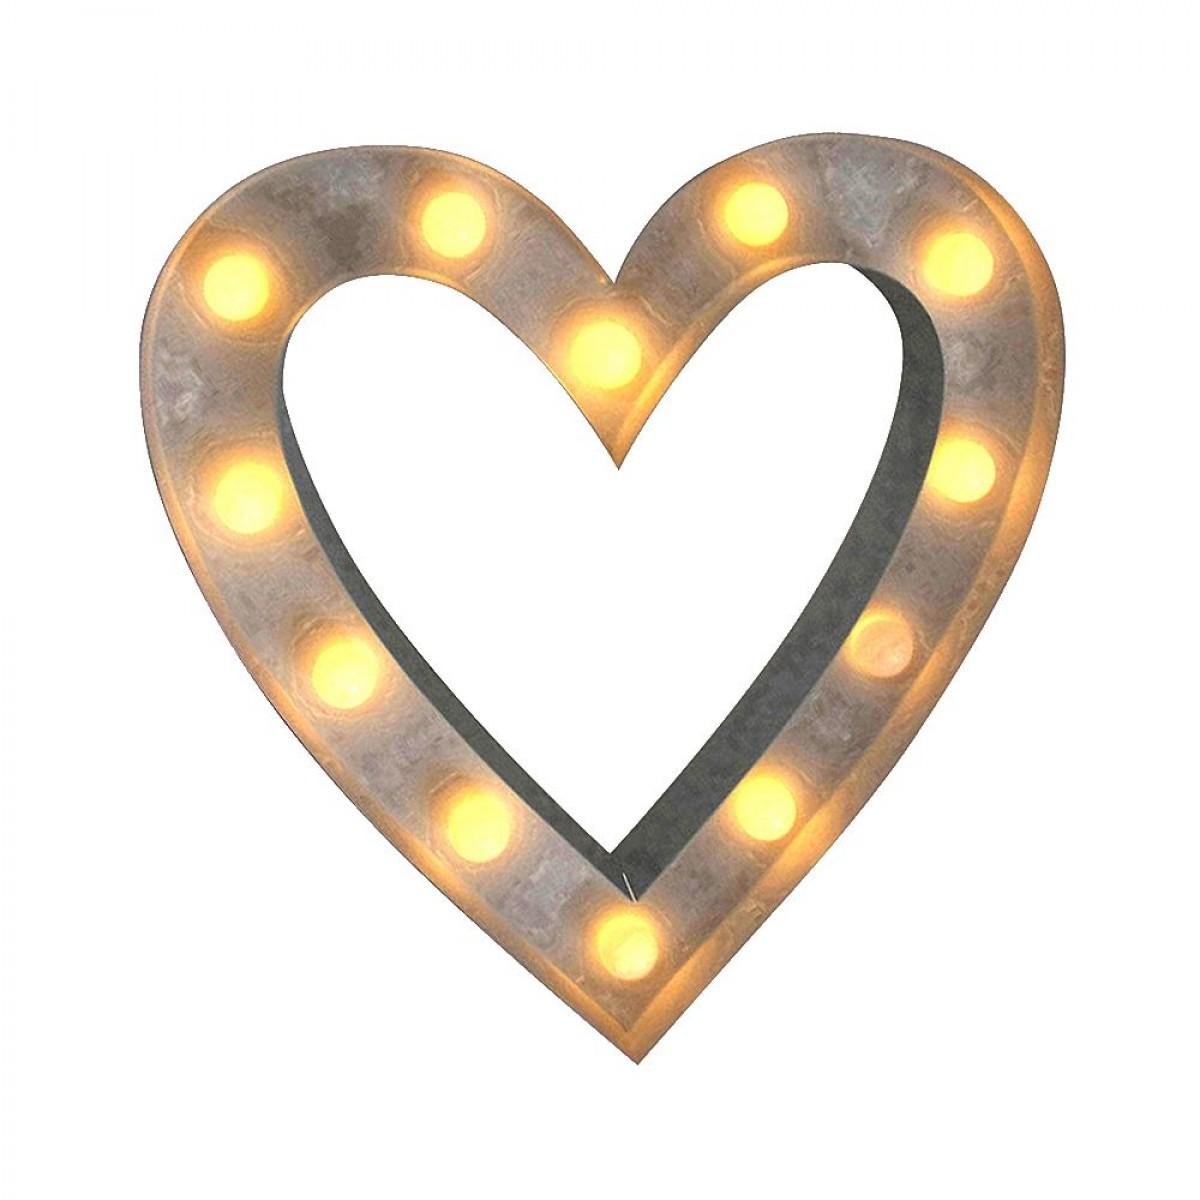 CONZEPT hjerte 30 x 5 x 29 cm. 12 LED